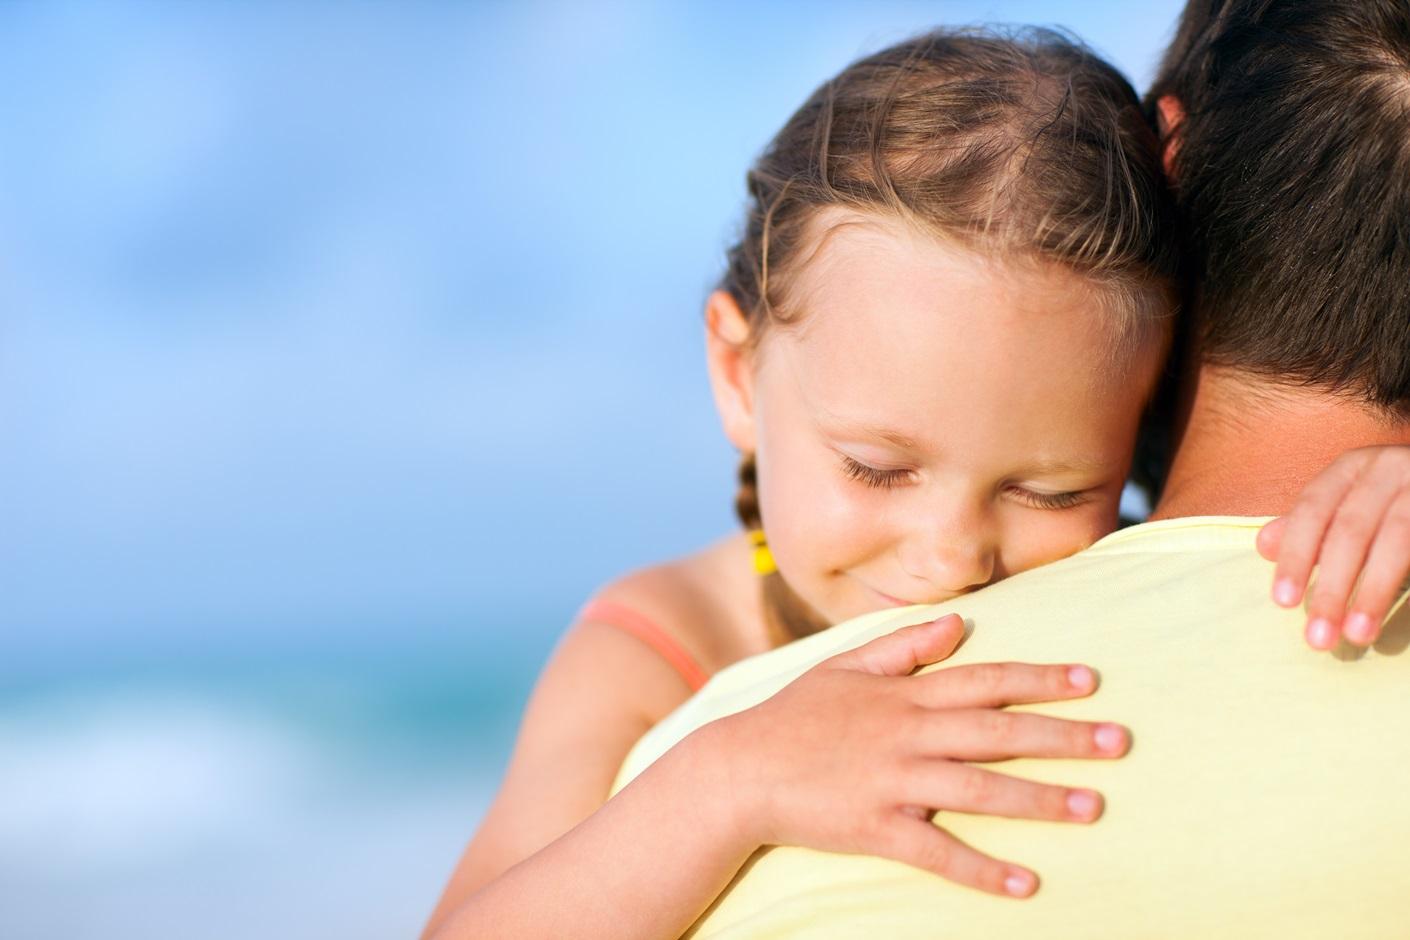 احتياجات الطفل تسعة أمور أكثر من الاكل والشرب